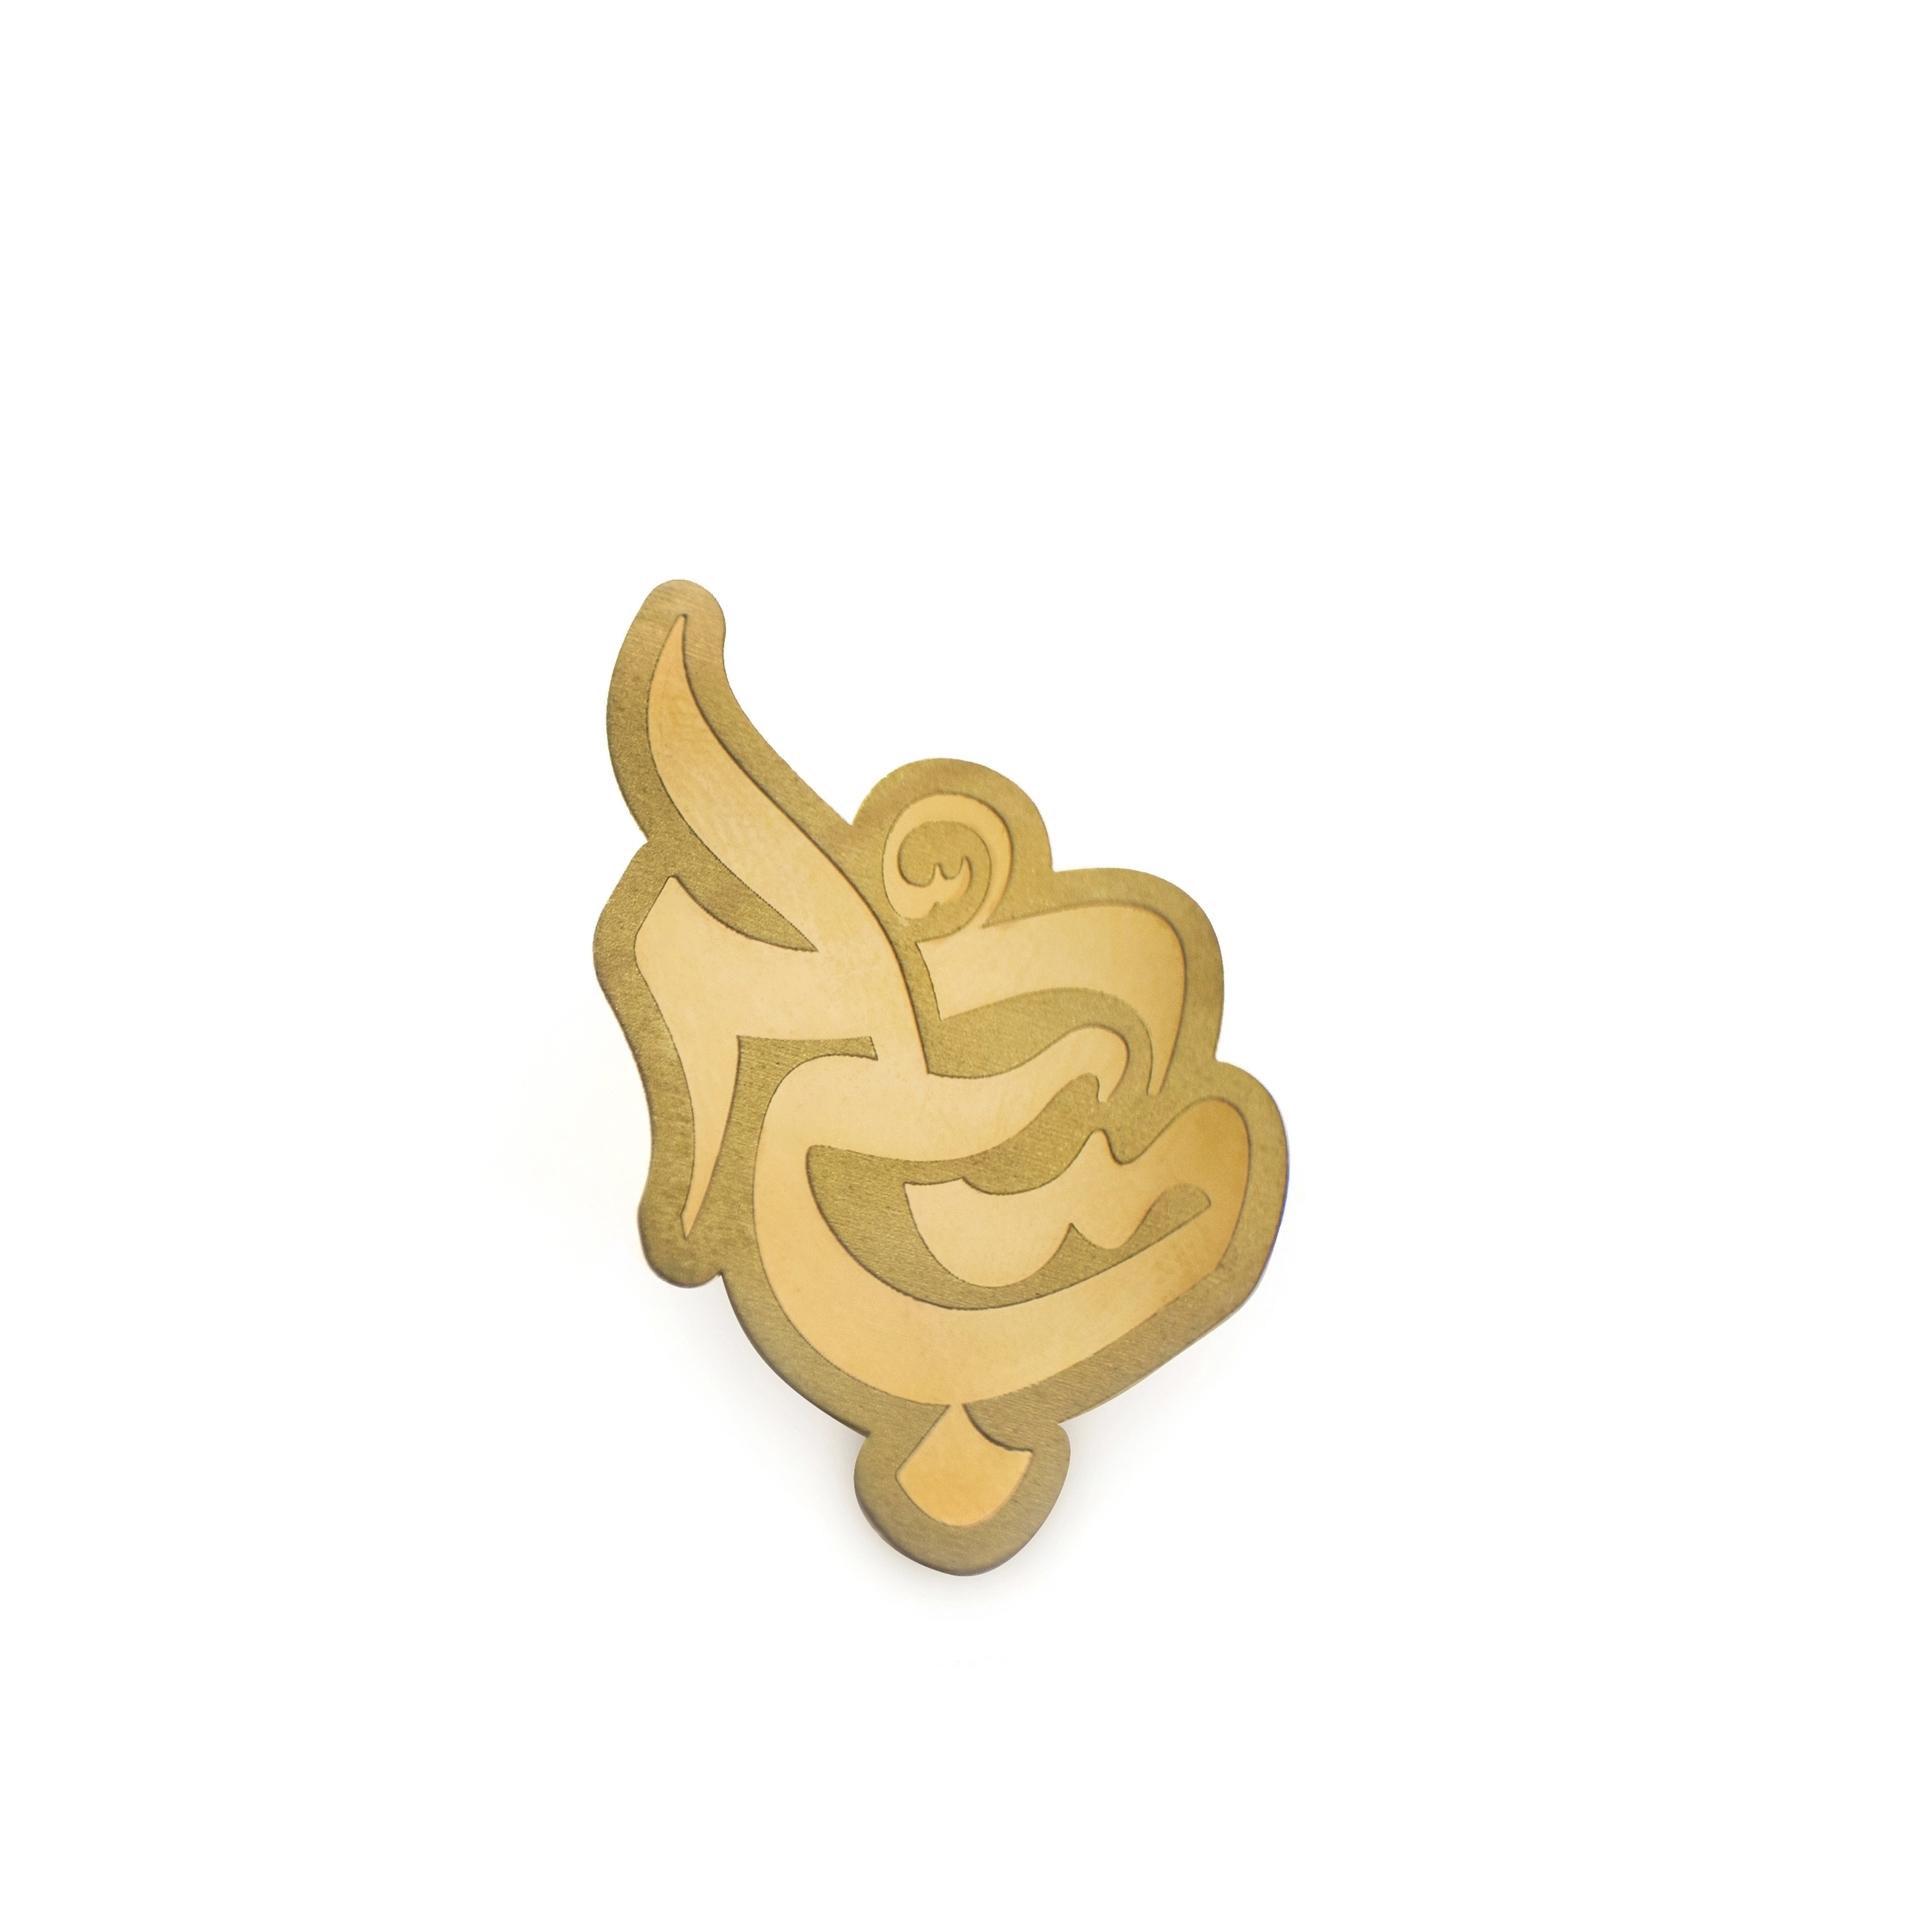 تصویر از بج سینه ساده طرح «عباس» برنجی با چاپ اسیدشویی و رنگ طلایی